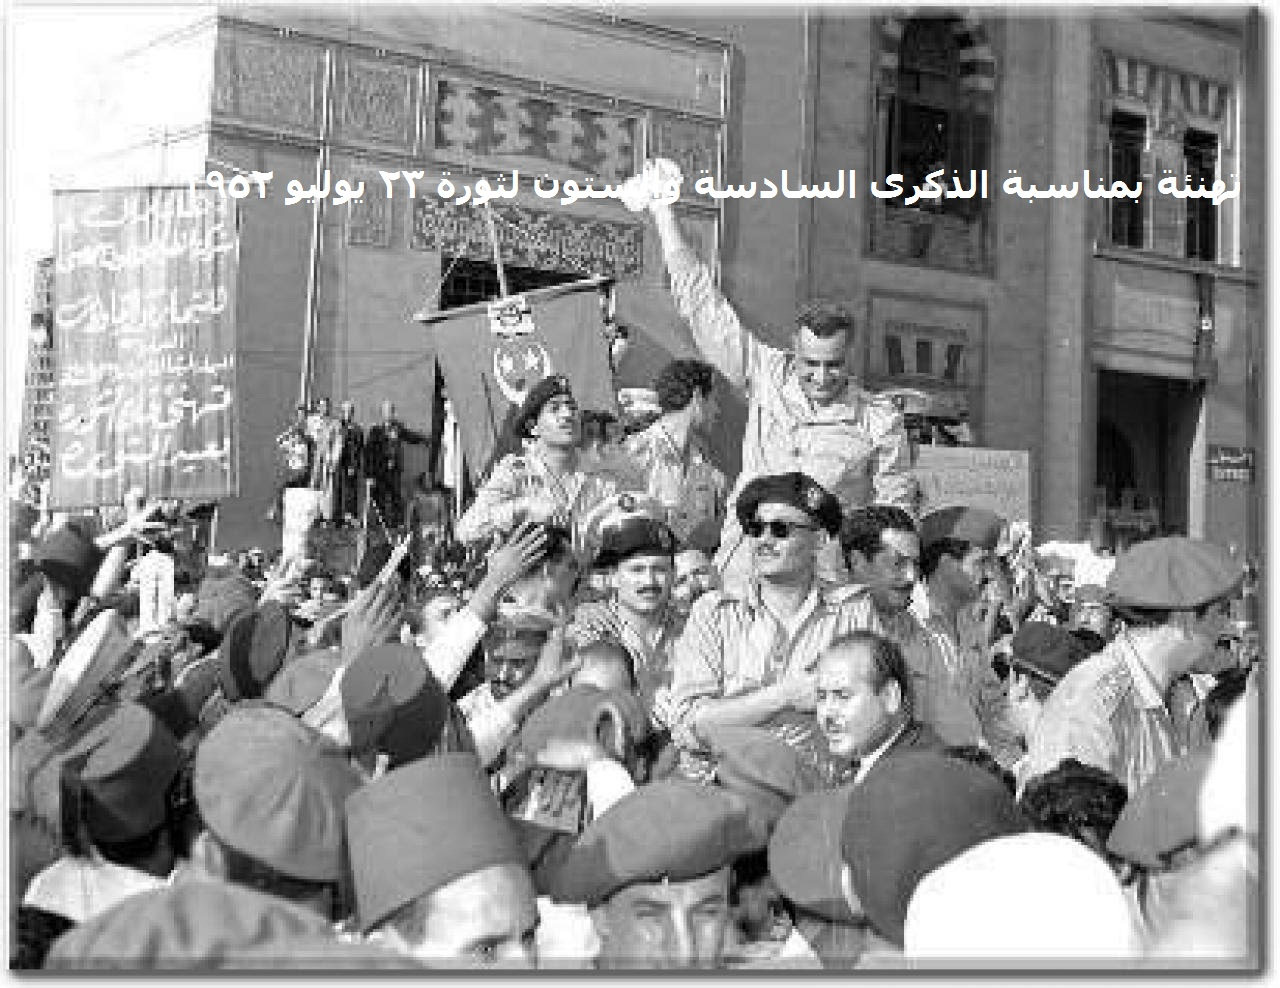 تهنئة بمناسبة الذكرى السادسة والستون لثورة 23 يوليو 1952